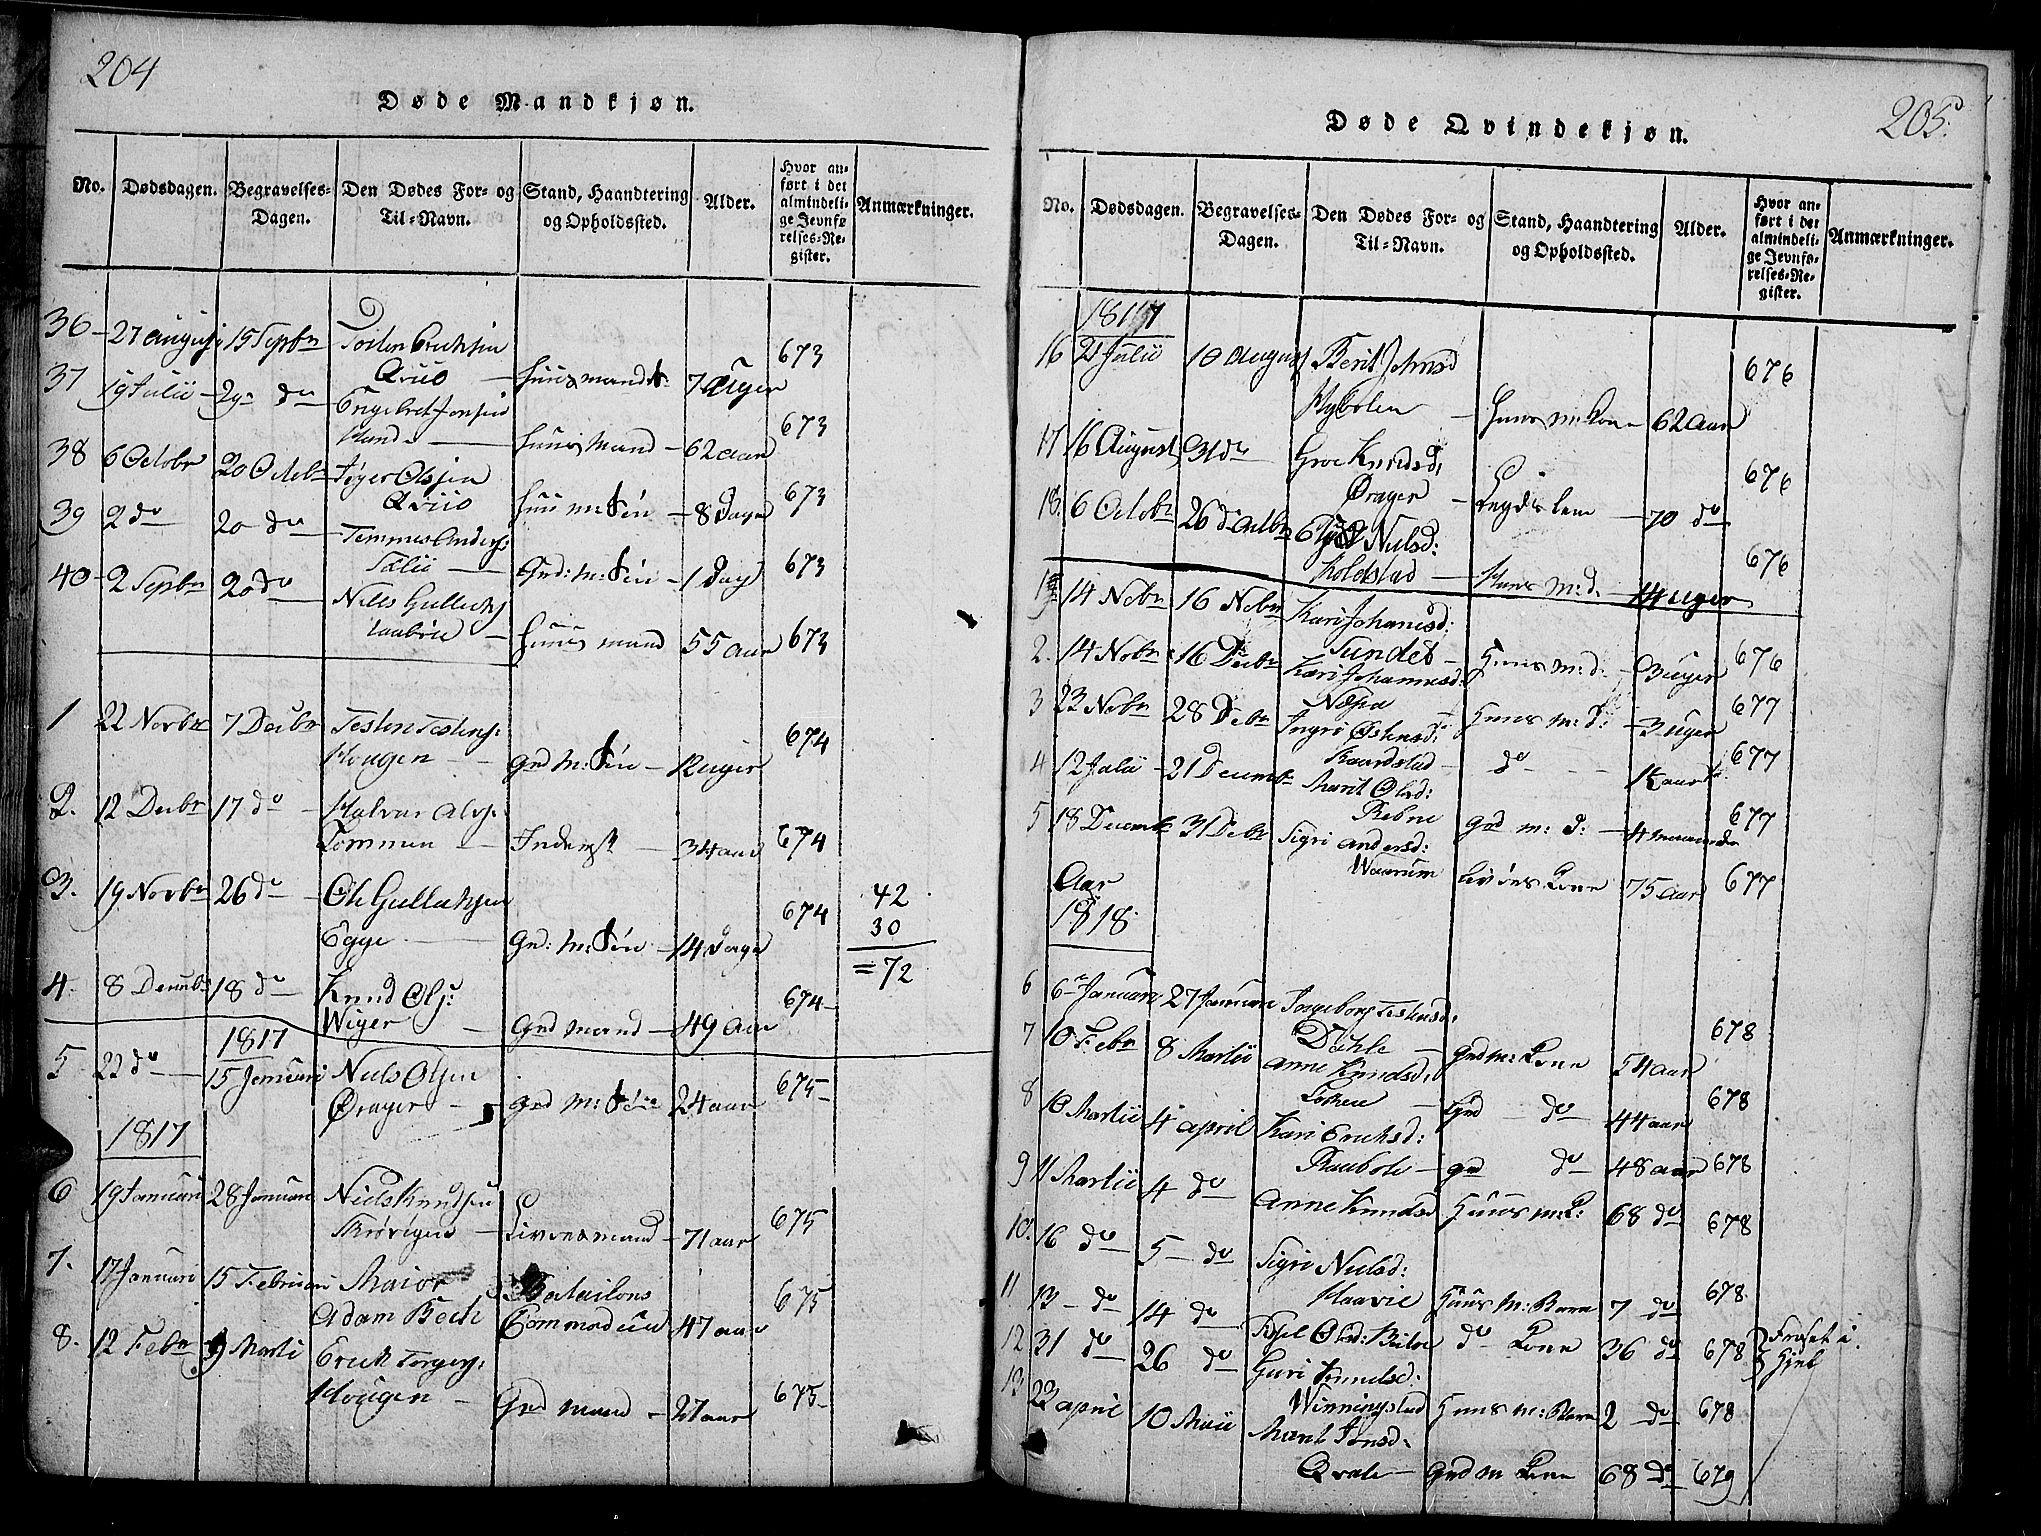 SAH, Slidre prestekontor, Ministerialbok nr. 2, 1814-1830, s. 204-205